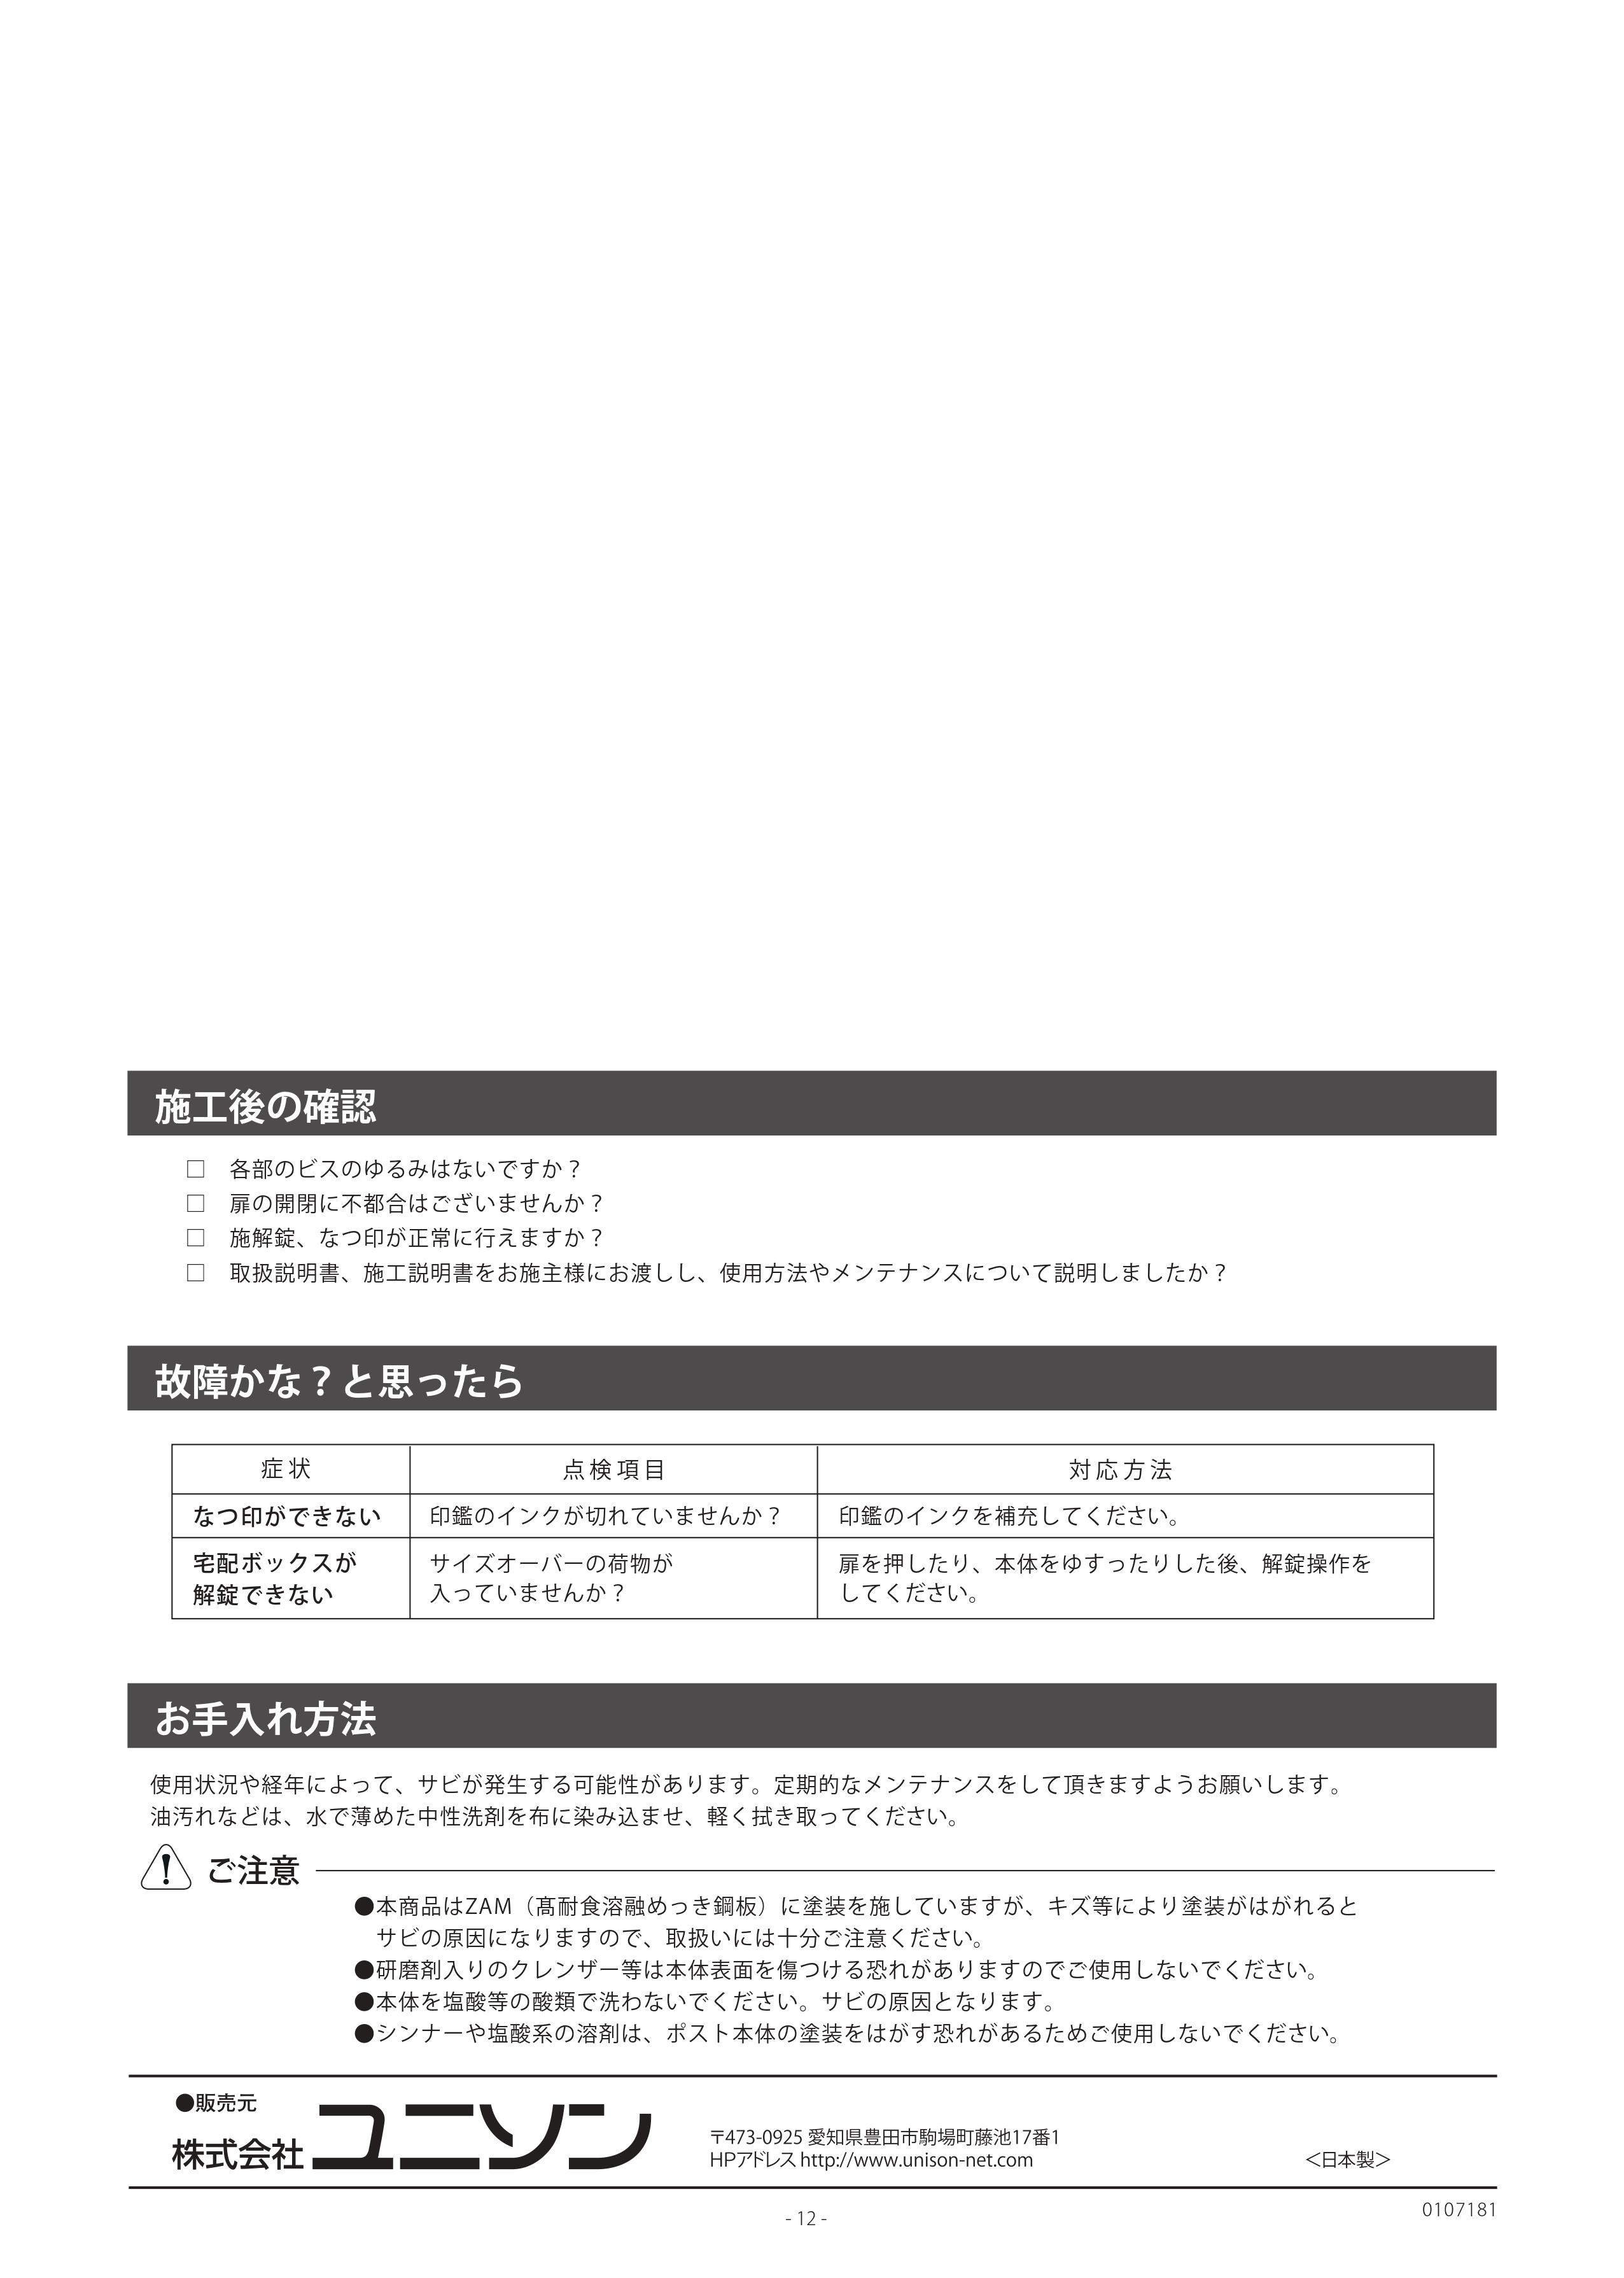 ヴィコDB 取り扱い説明書 (20)